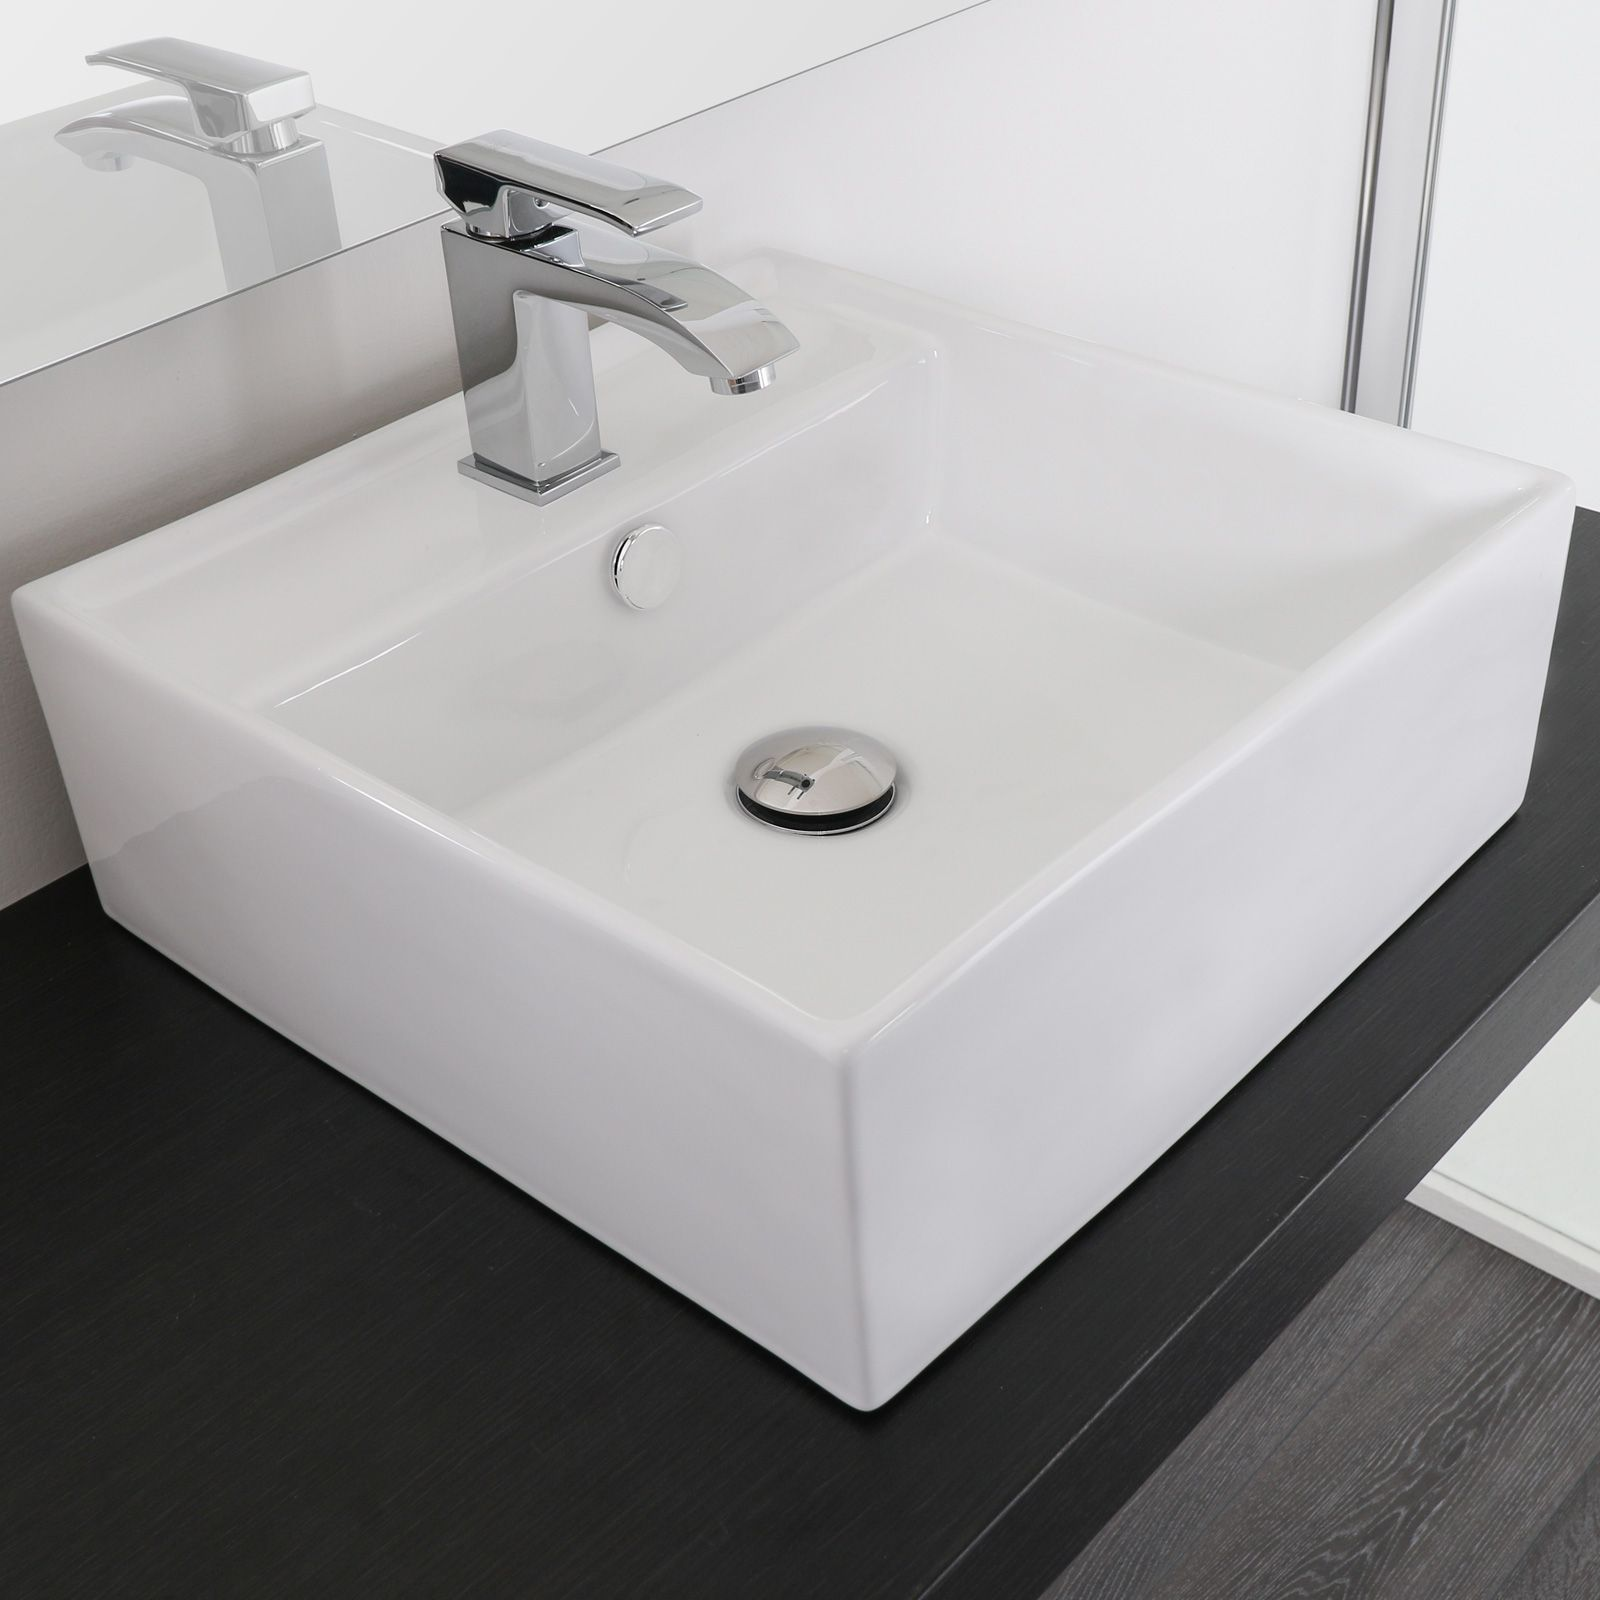 Lavabi in ceramica mineralmarmo e marmoresina - Lavandini cucina ceramica ...